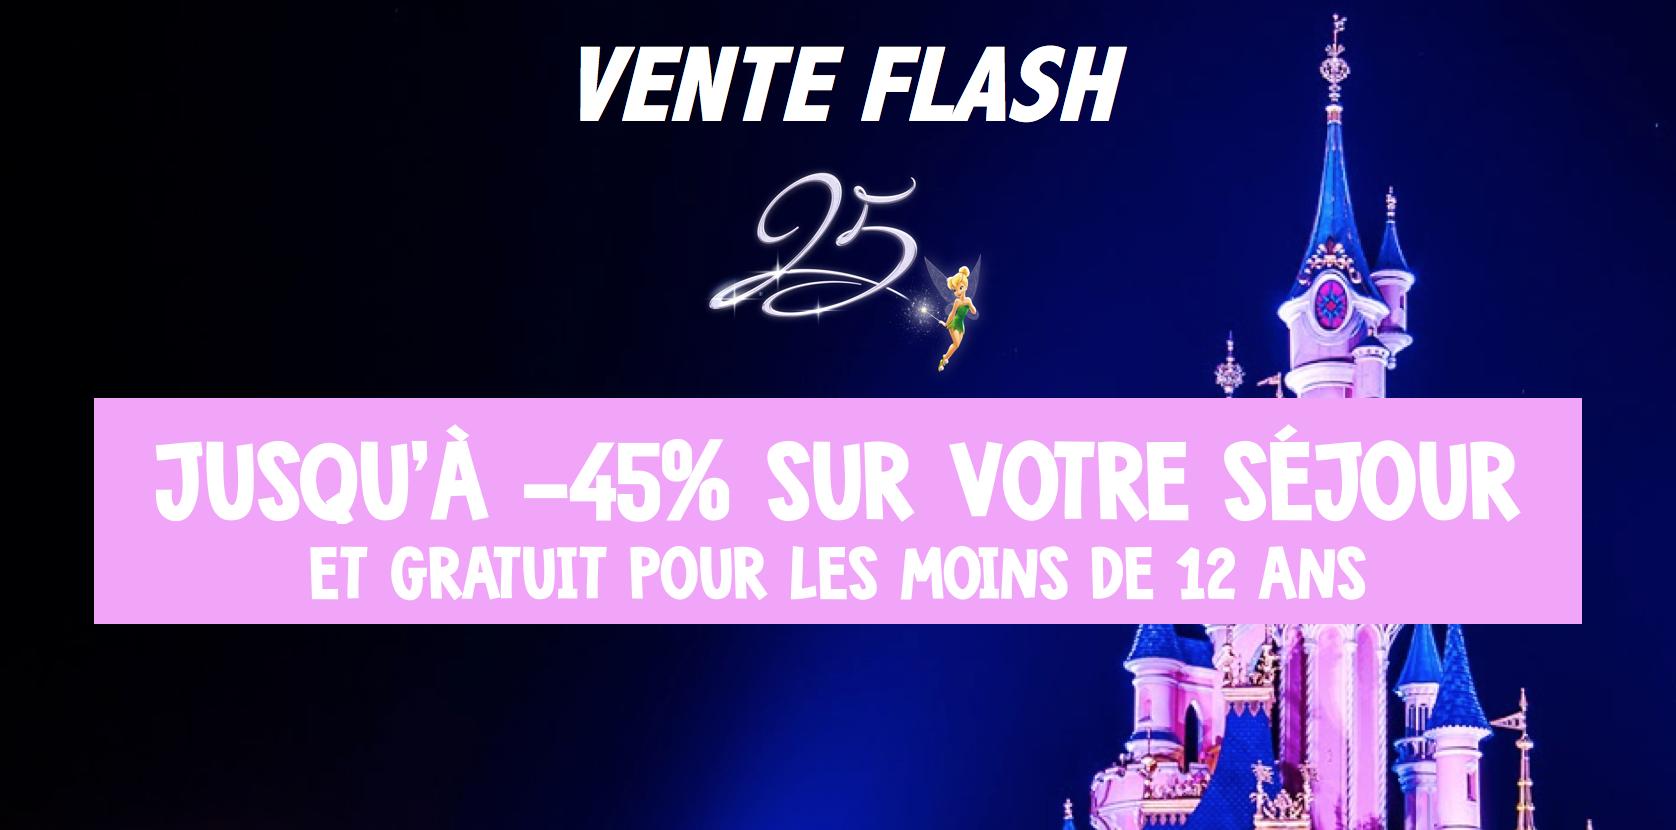 Disneyland paris vente flash exceptionnelle jusqu 39 45 et gratuit pour les de 12 ans - Date des soldes ete 2017 paris ...